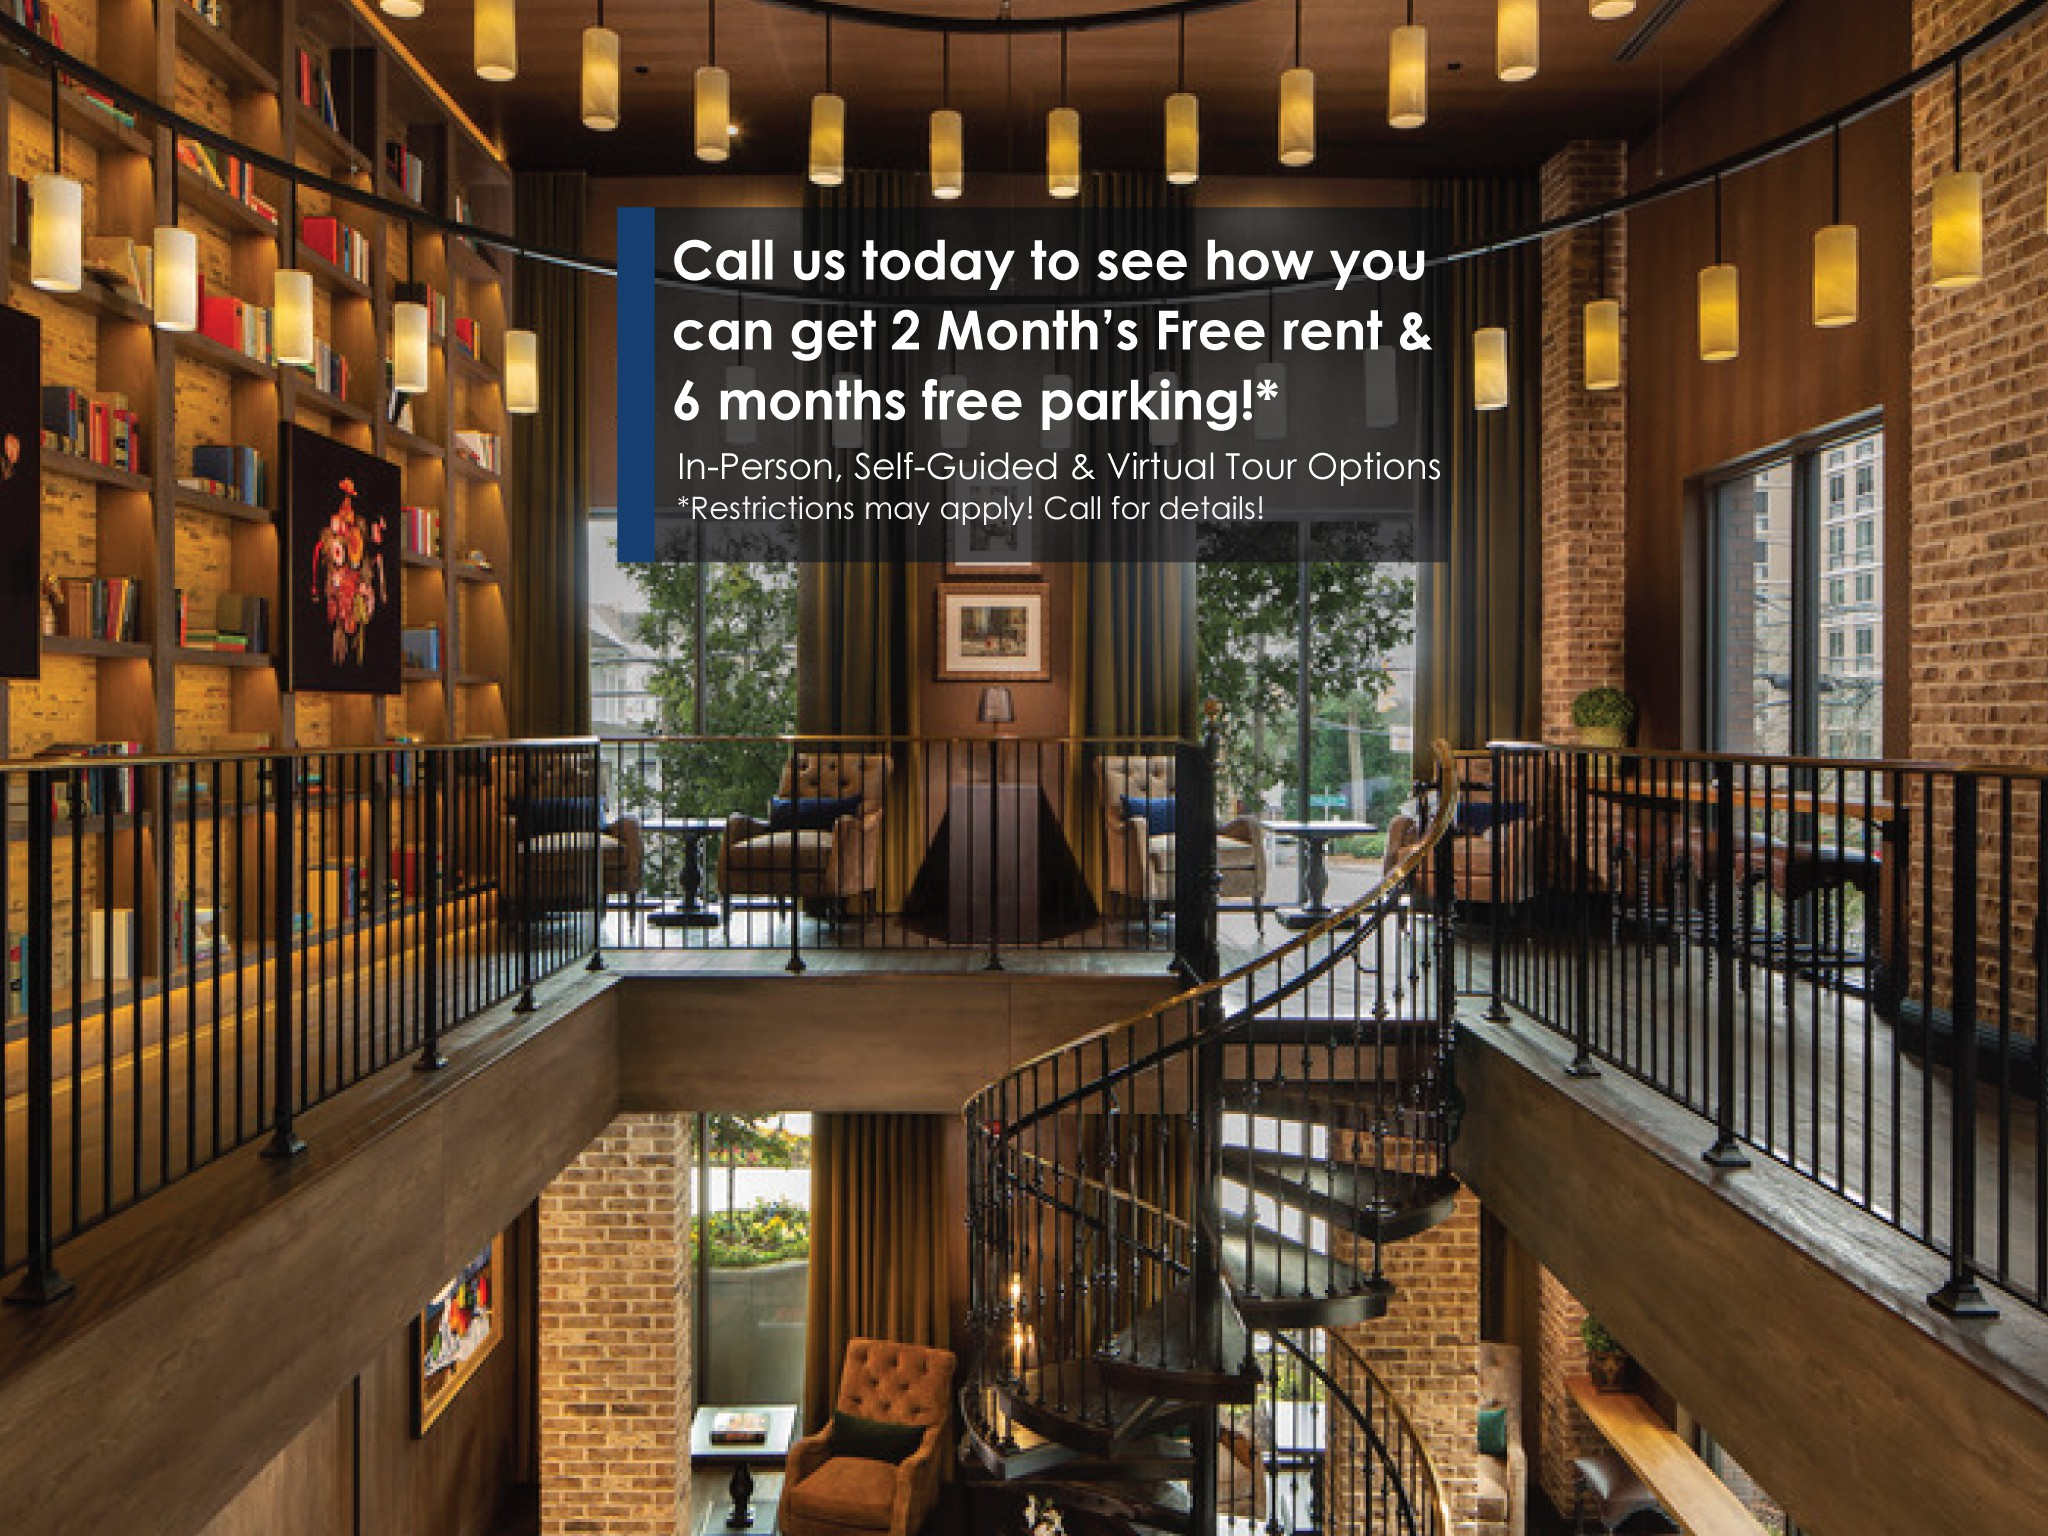 Apartments Near Atlanta The Ashley Gables Buckhead for Atlanta Students in Atlanta, GA